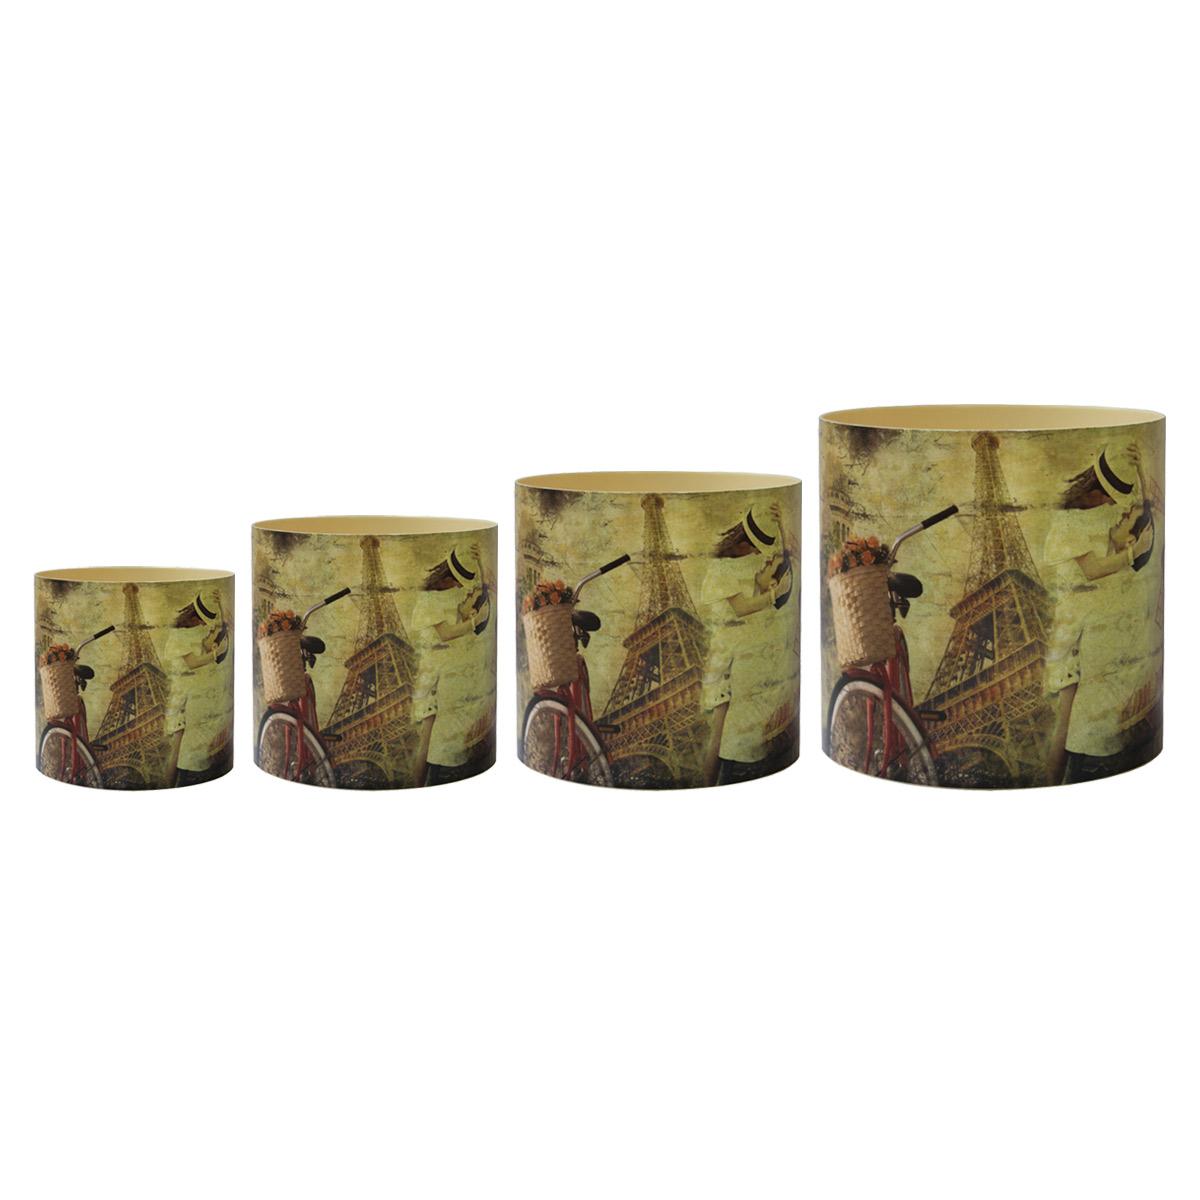 Набор горшков для цветов Miolla Париж со скрытым поддоном, 4 предметаSMG-SET14-1Набор горшочков Miolla c 3D рисунком. Хорошо будут смотреться как основа для топиариев и флористических композиций. А так же замечательно для комнатных цветов. Со скрытым поддоном.